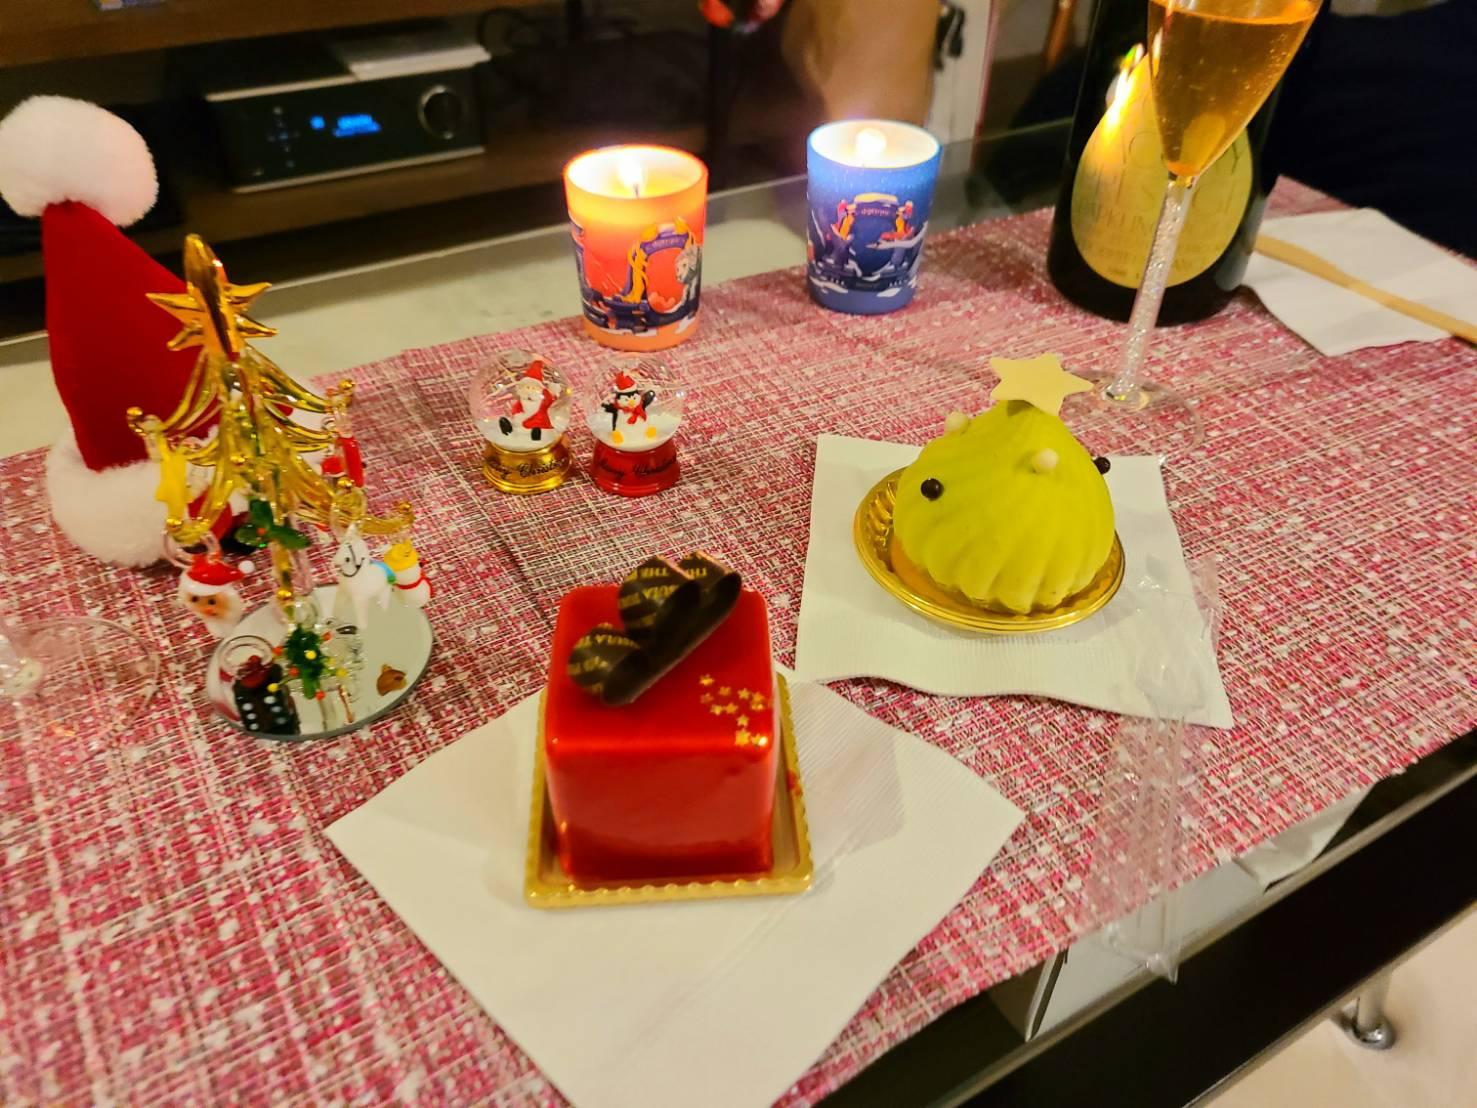 【Diptyque】アロマキャンドルでおうちクリスマスをより特別に☆_5